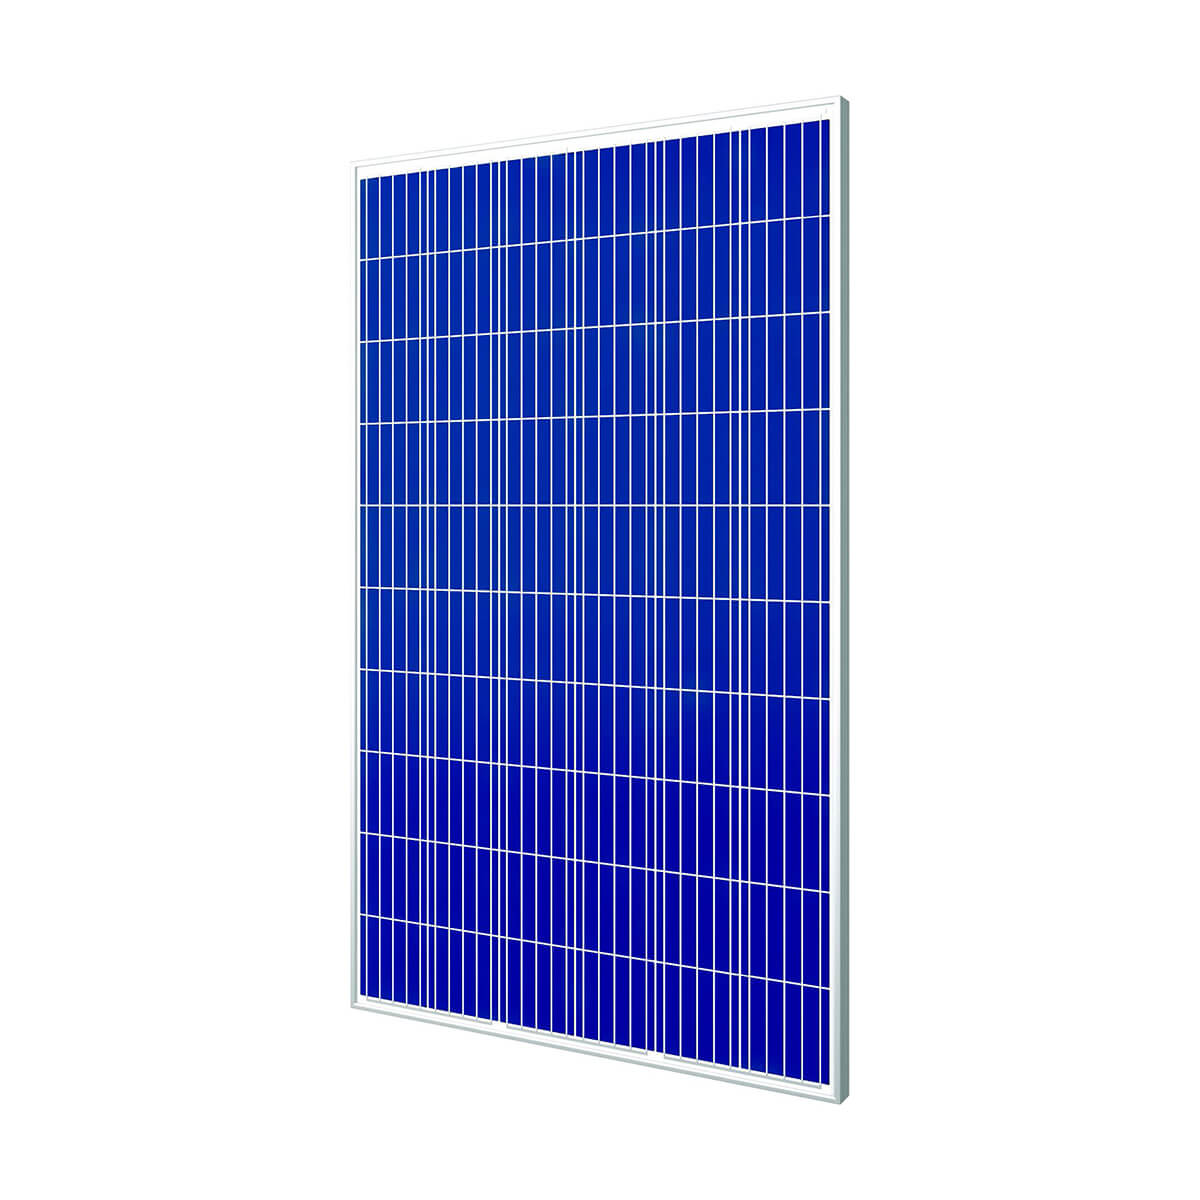 tommatech 275W panel, tommatech 275Watt panel, tommatech 275 W panel, tommatech 275 Watt panel, tommatech 275 Watt polikristal panel, tommatech 275 W watt gunes paneli, tommatech 275 W watt polikristal gunes paneli, tommatech 275 W Watt fotovoltaik polikristal solar panel, tommatech 275W polikristal gunes enerjisi, tommatech TT275-60P-275W panel, TOMMATECH 275 WATT